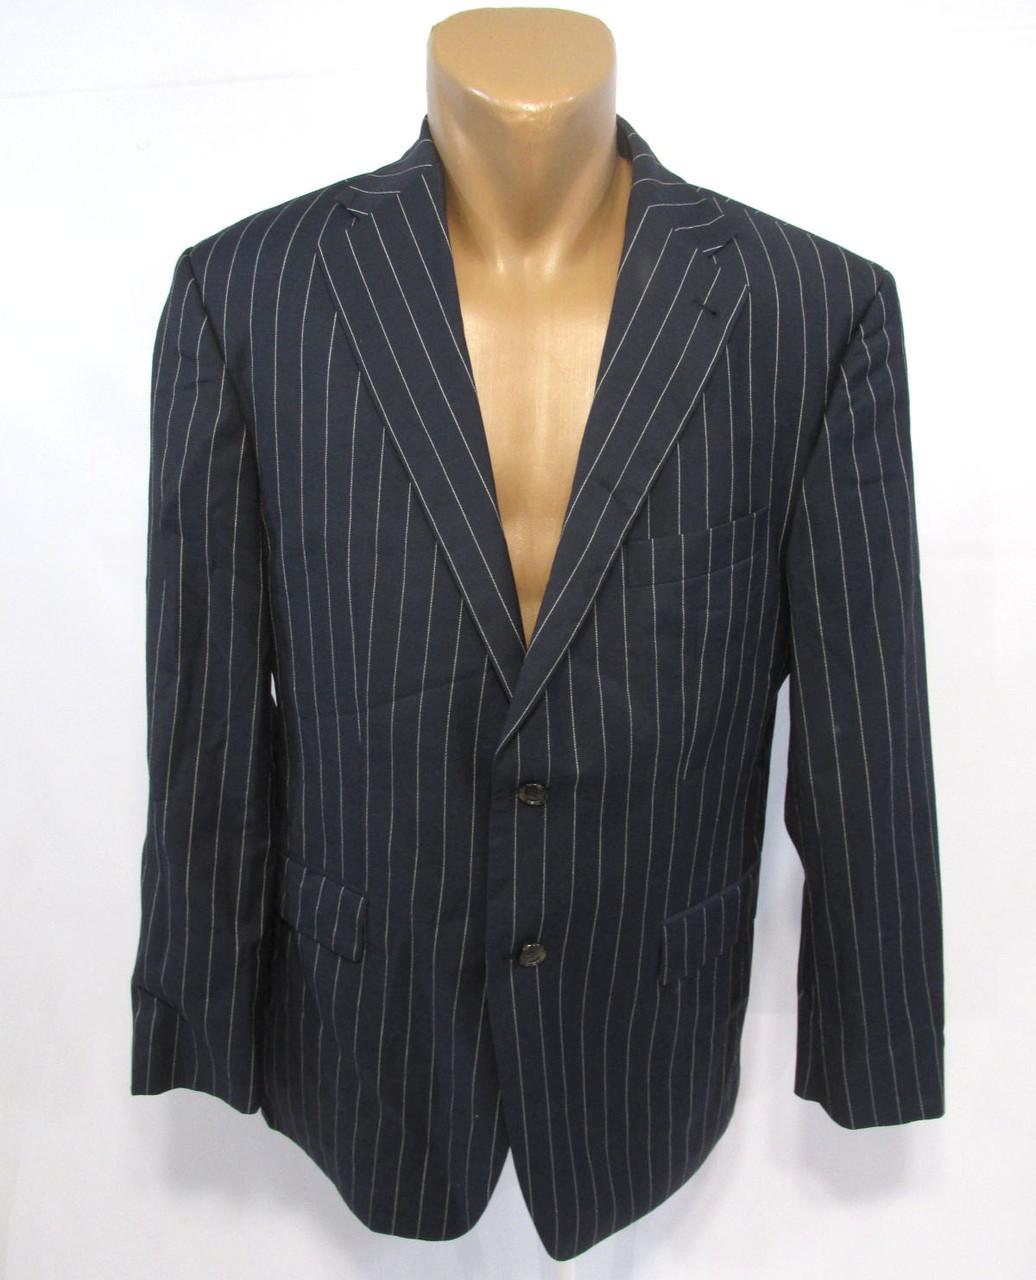 Пиджак Tommy Hilfiger, 50 (L), Шерсть, т.синий, Как Новый!